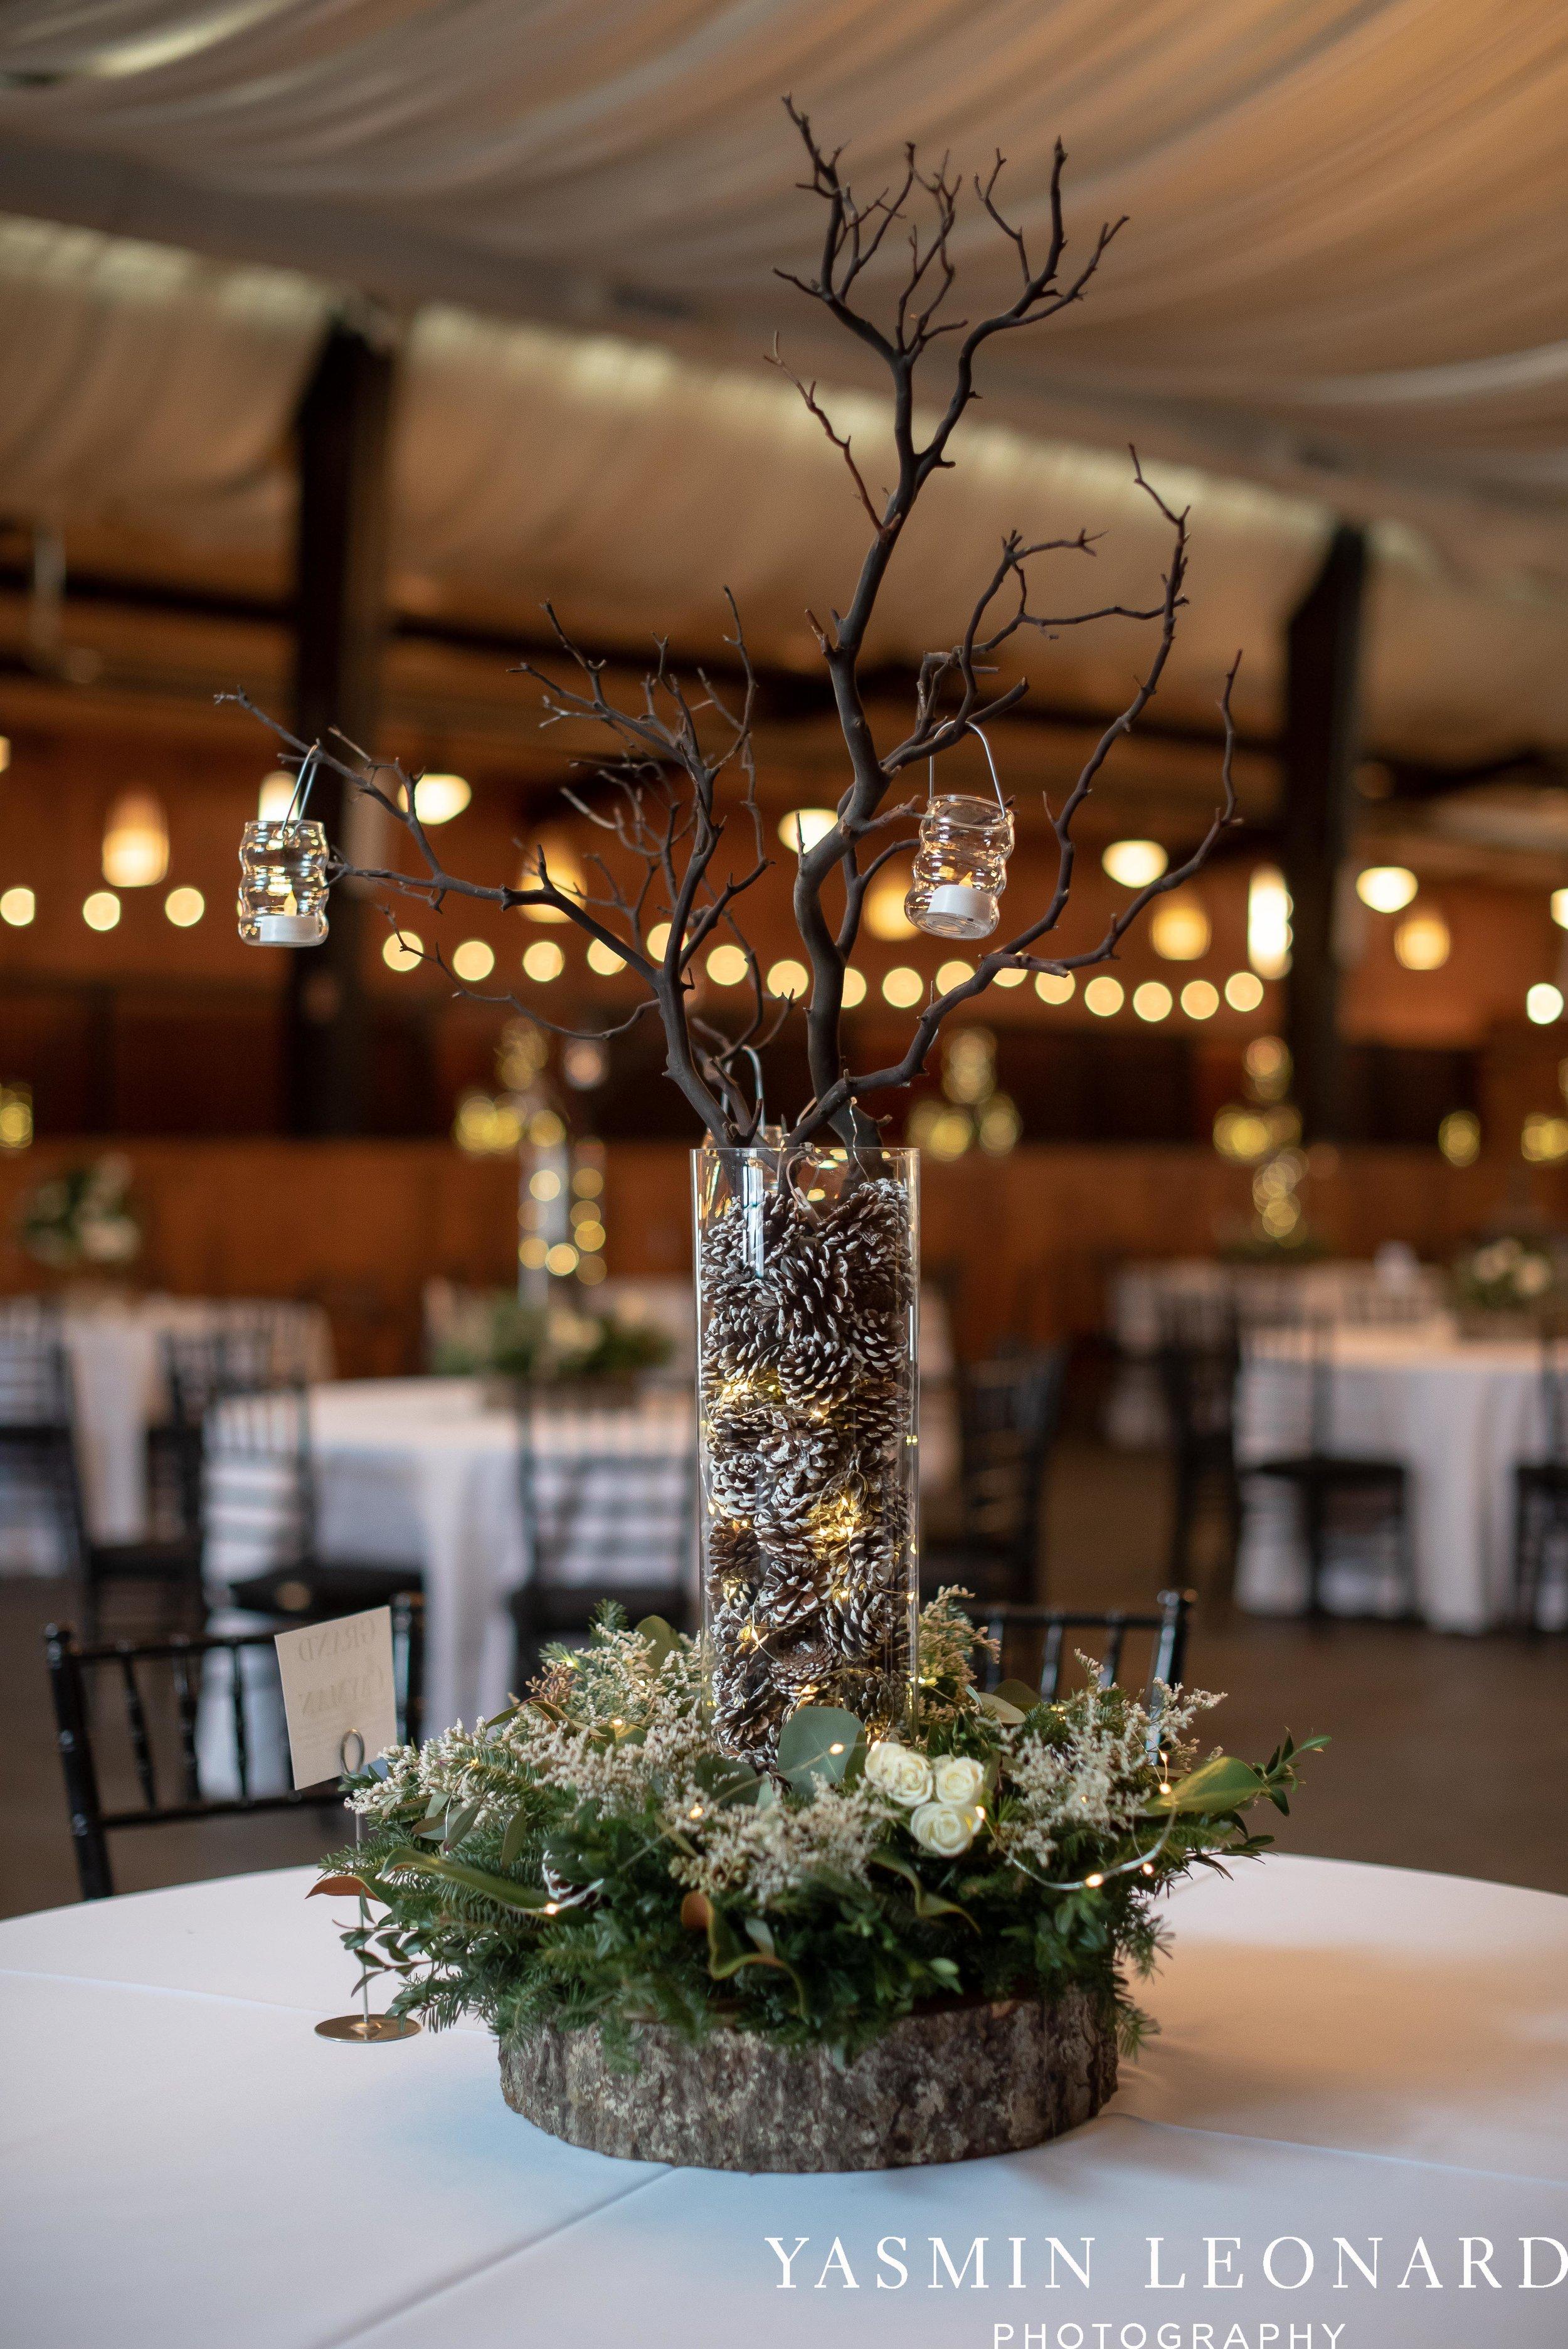 Adaumont Farm - Wesley Memorial Weddings - High Point Weddings - Just Priceless - NC Wedding Photographer - Yasmin Leonard Photography - High Point Wedding Vendors-19.jpg